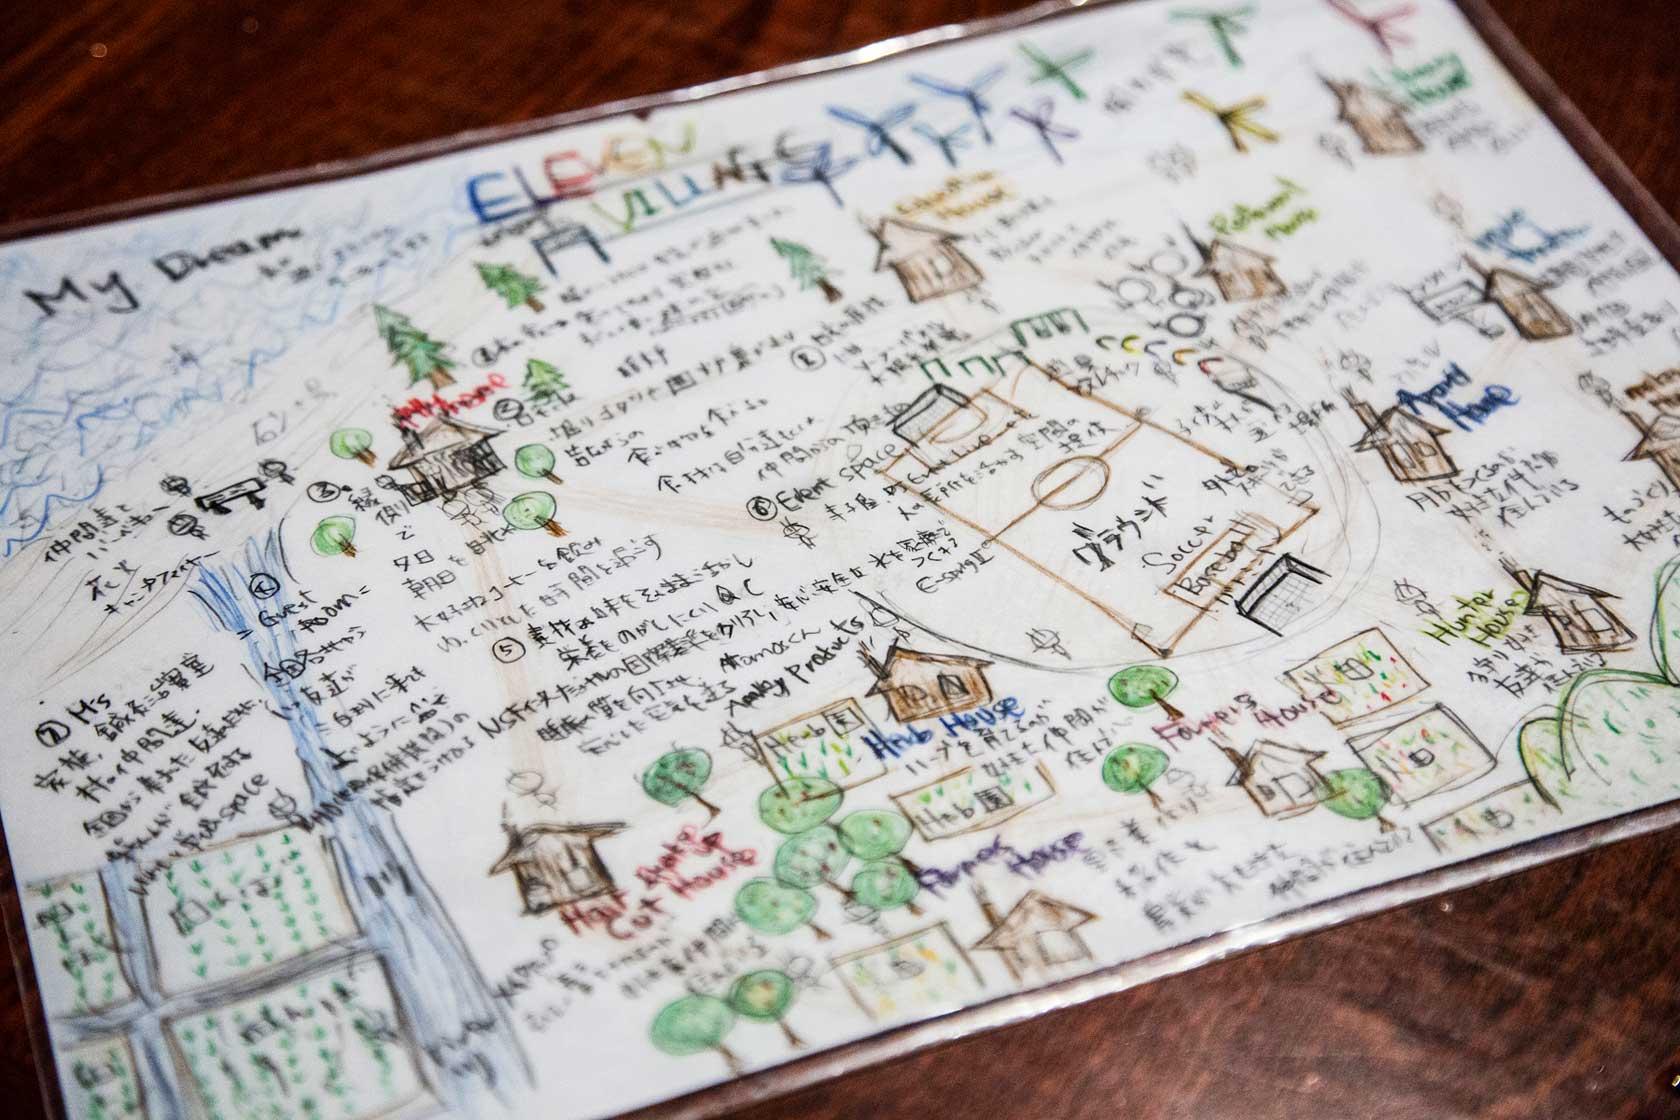 田川親筆畫的夢想村藍圖。攝影 / 近藤悟